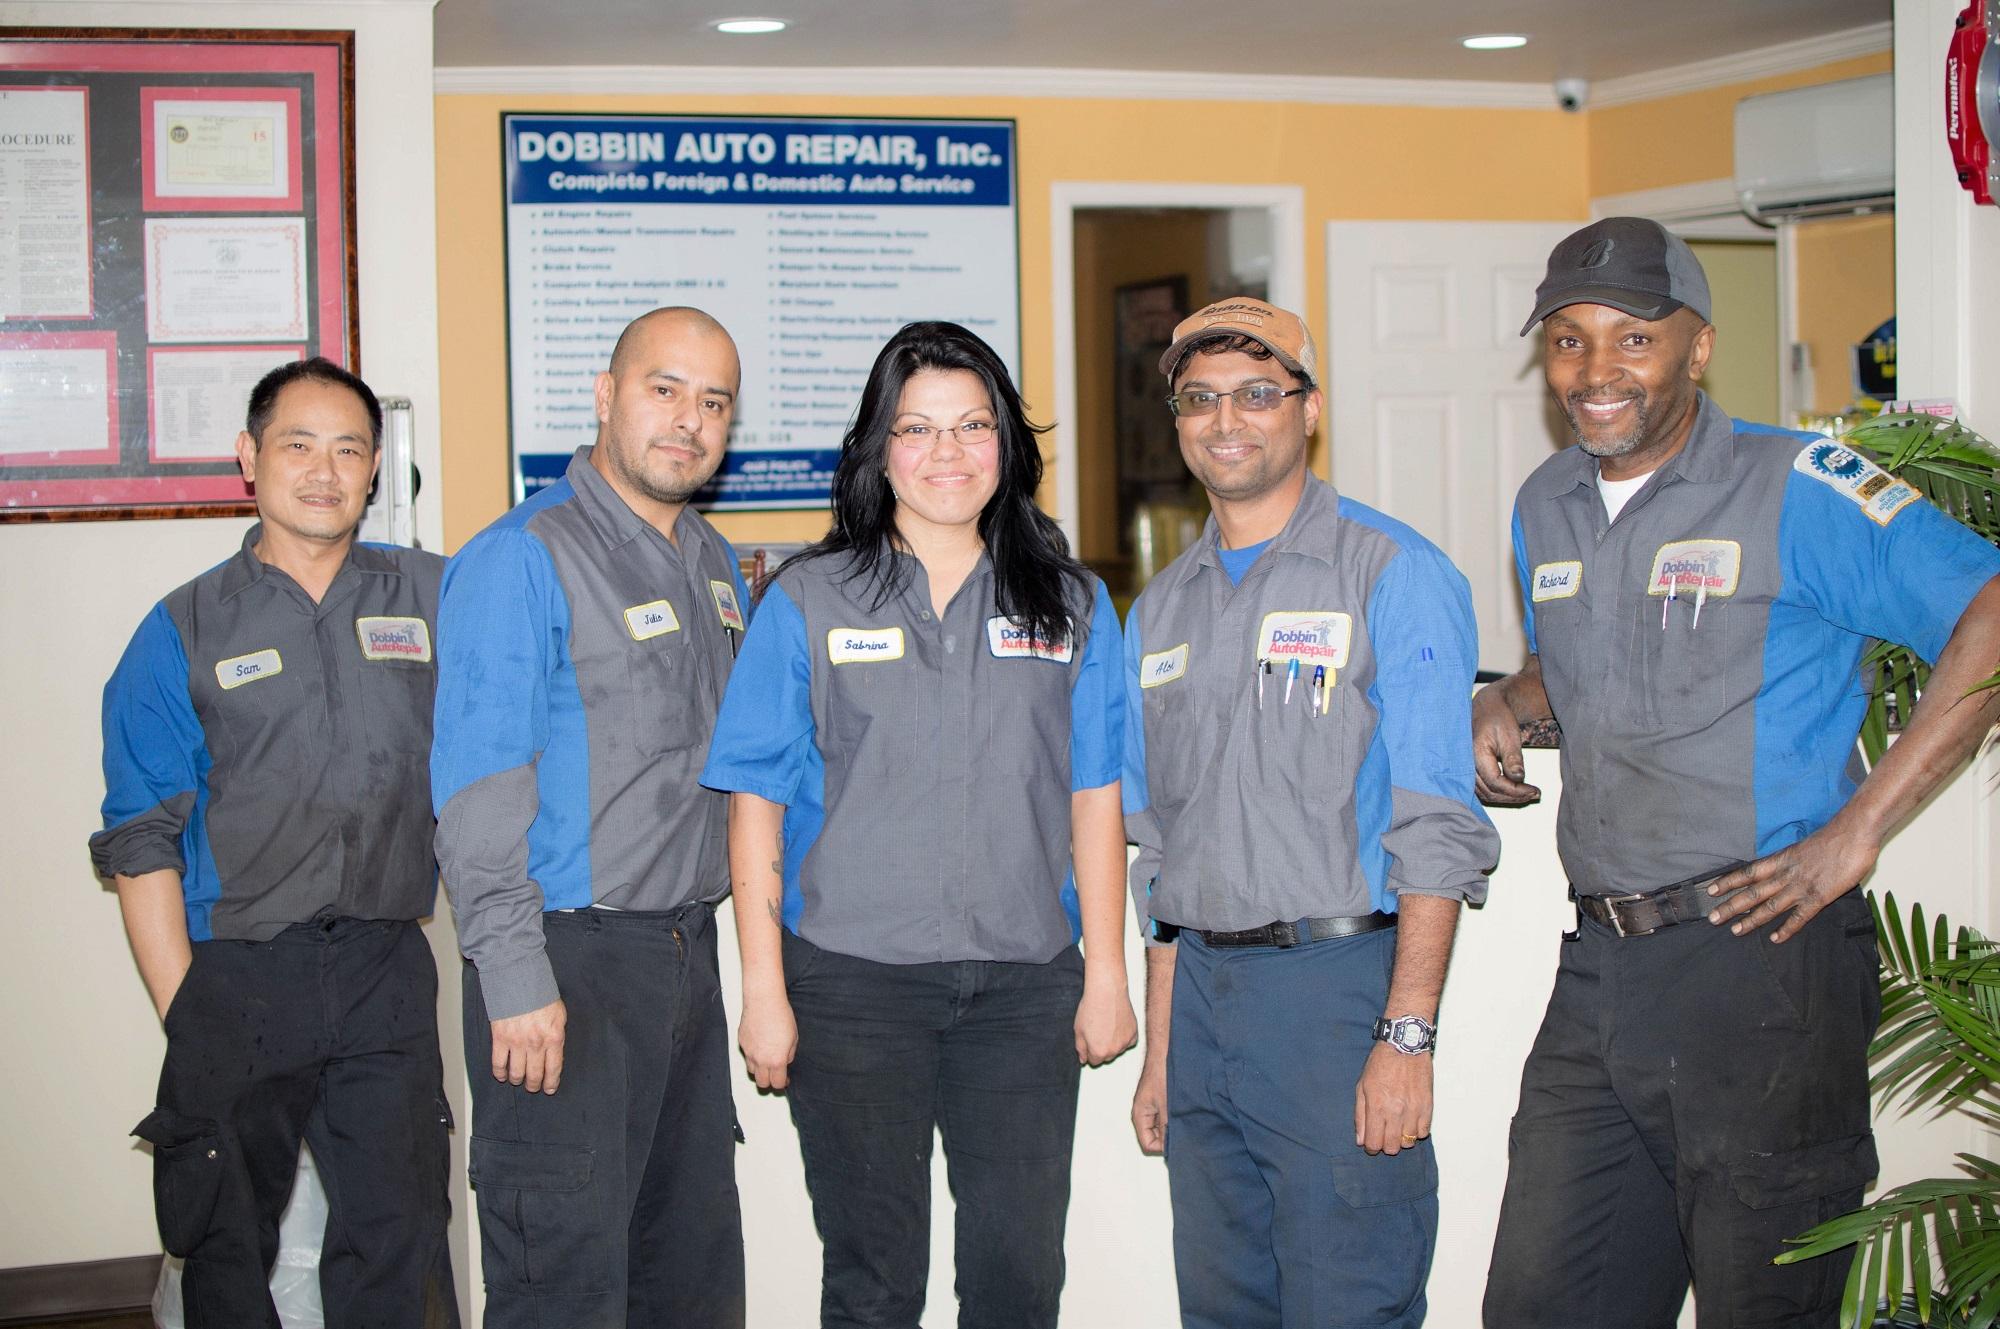 Dobbin Auto Repair Team with Richard-min